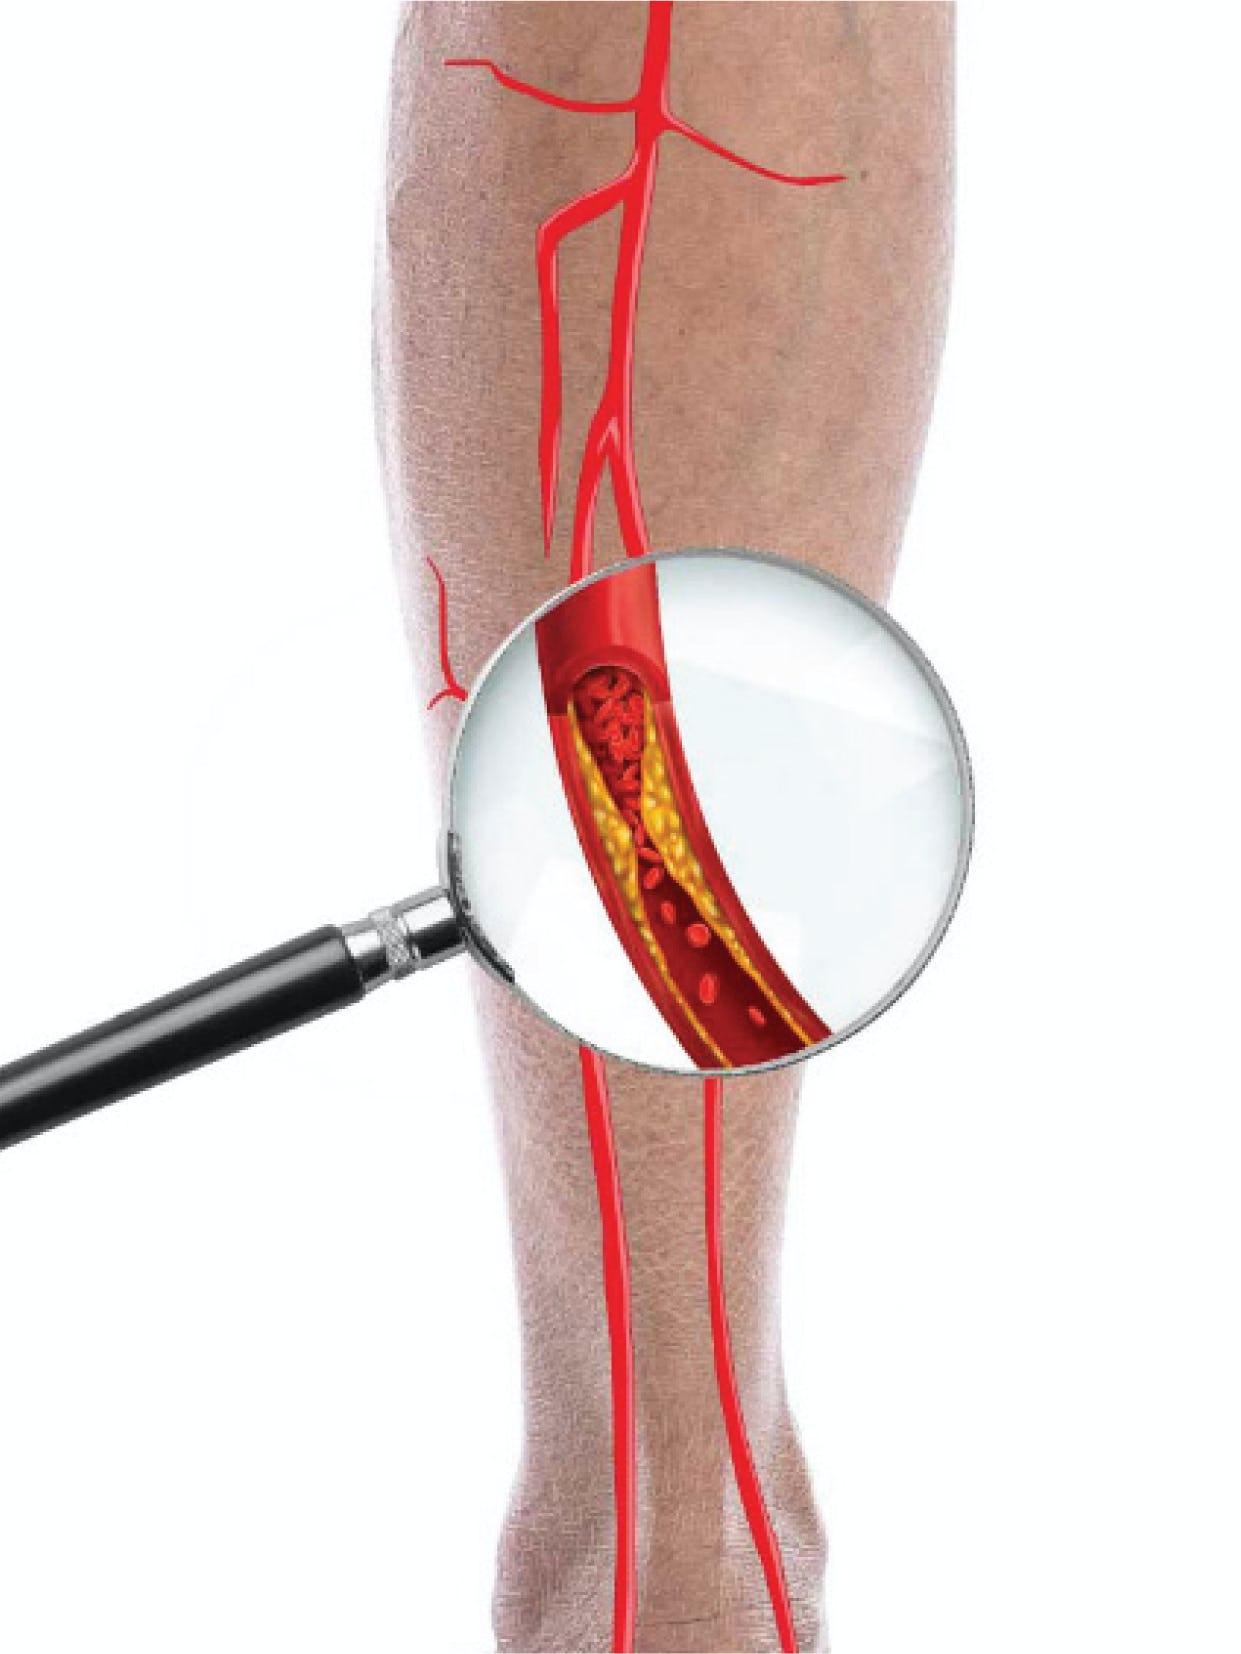 Boala arterială periferică - Cauze, simptome și tratament